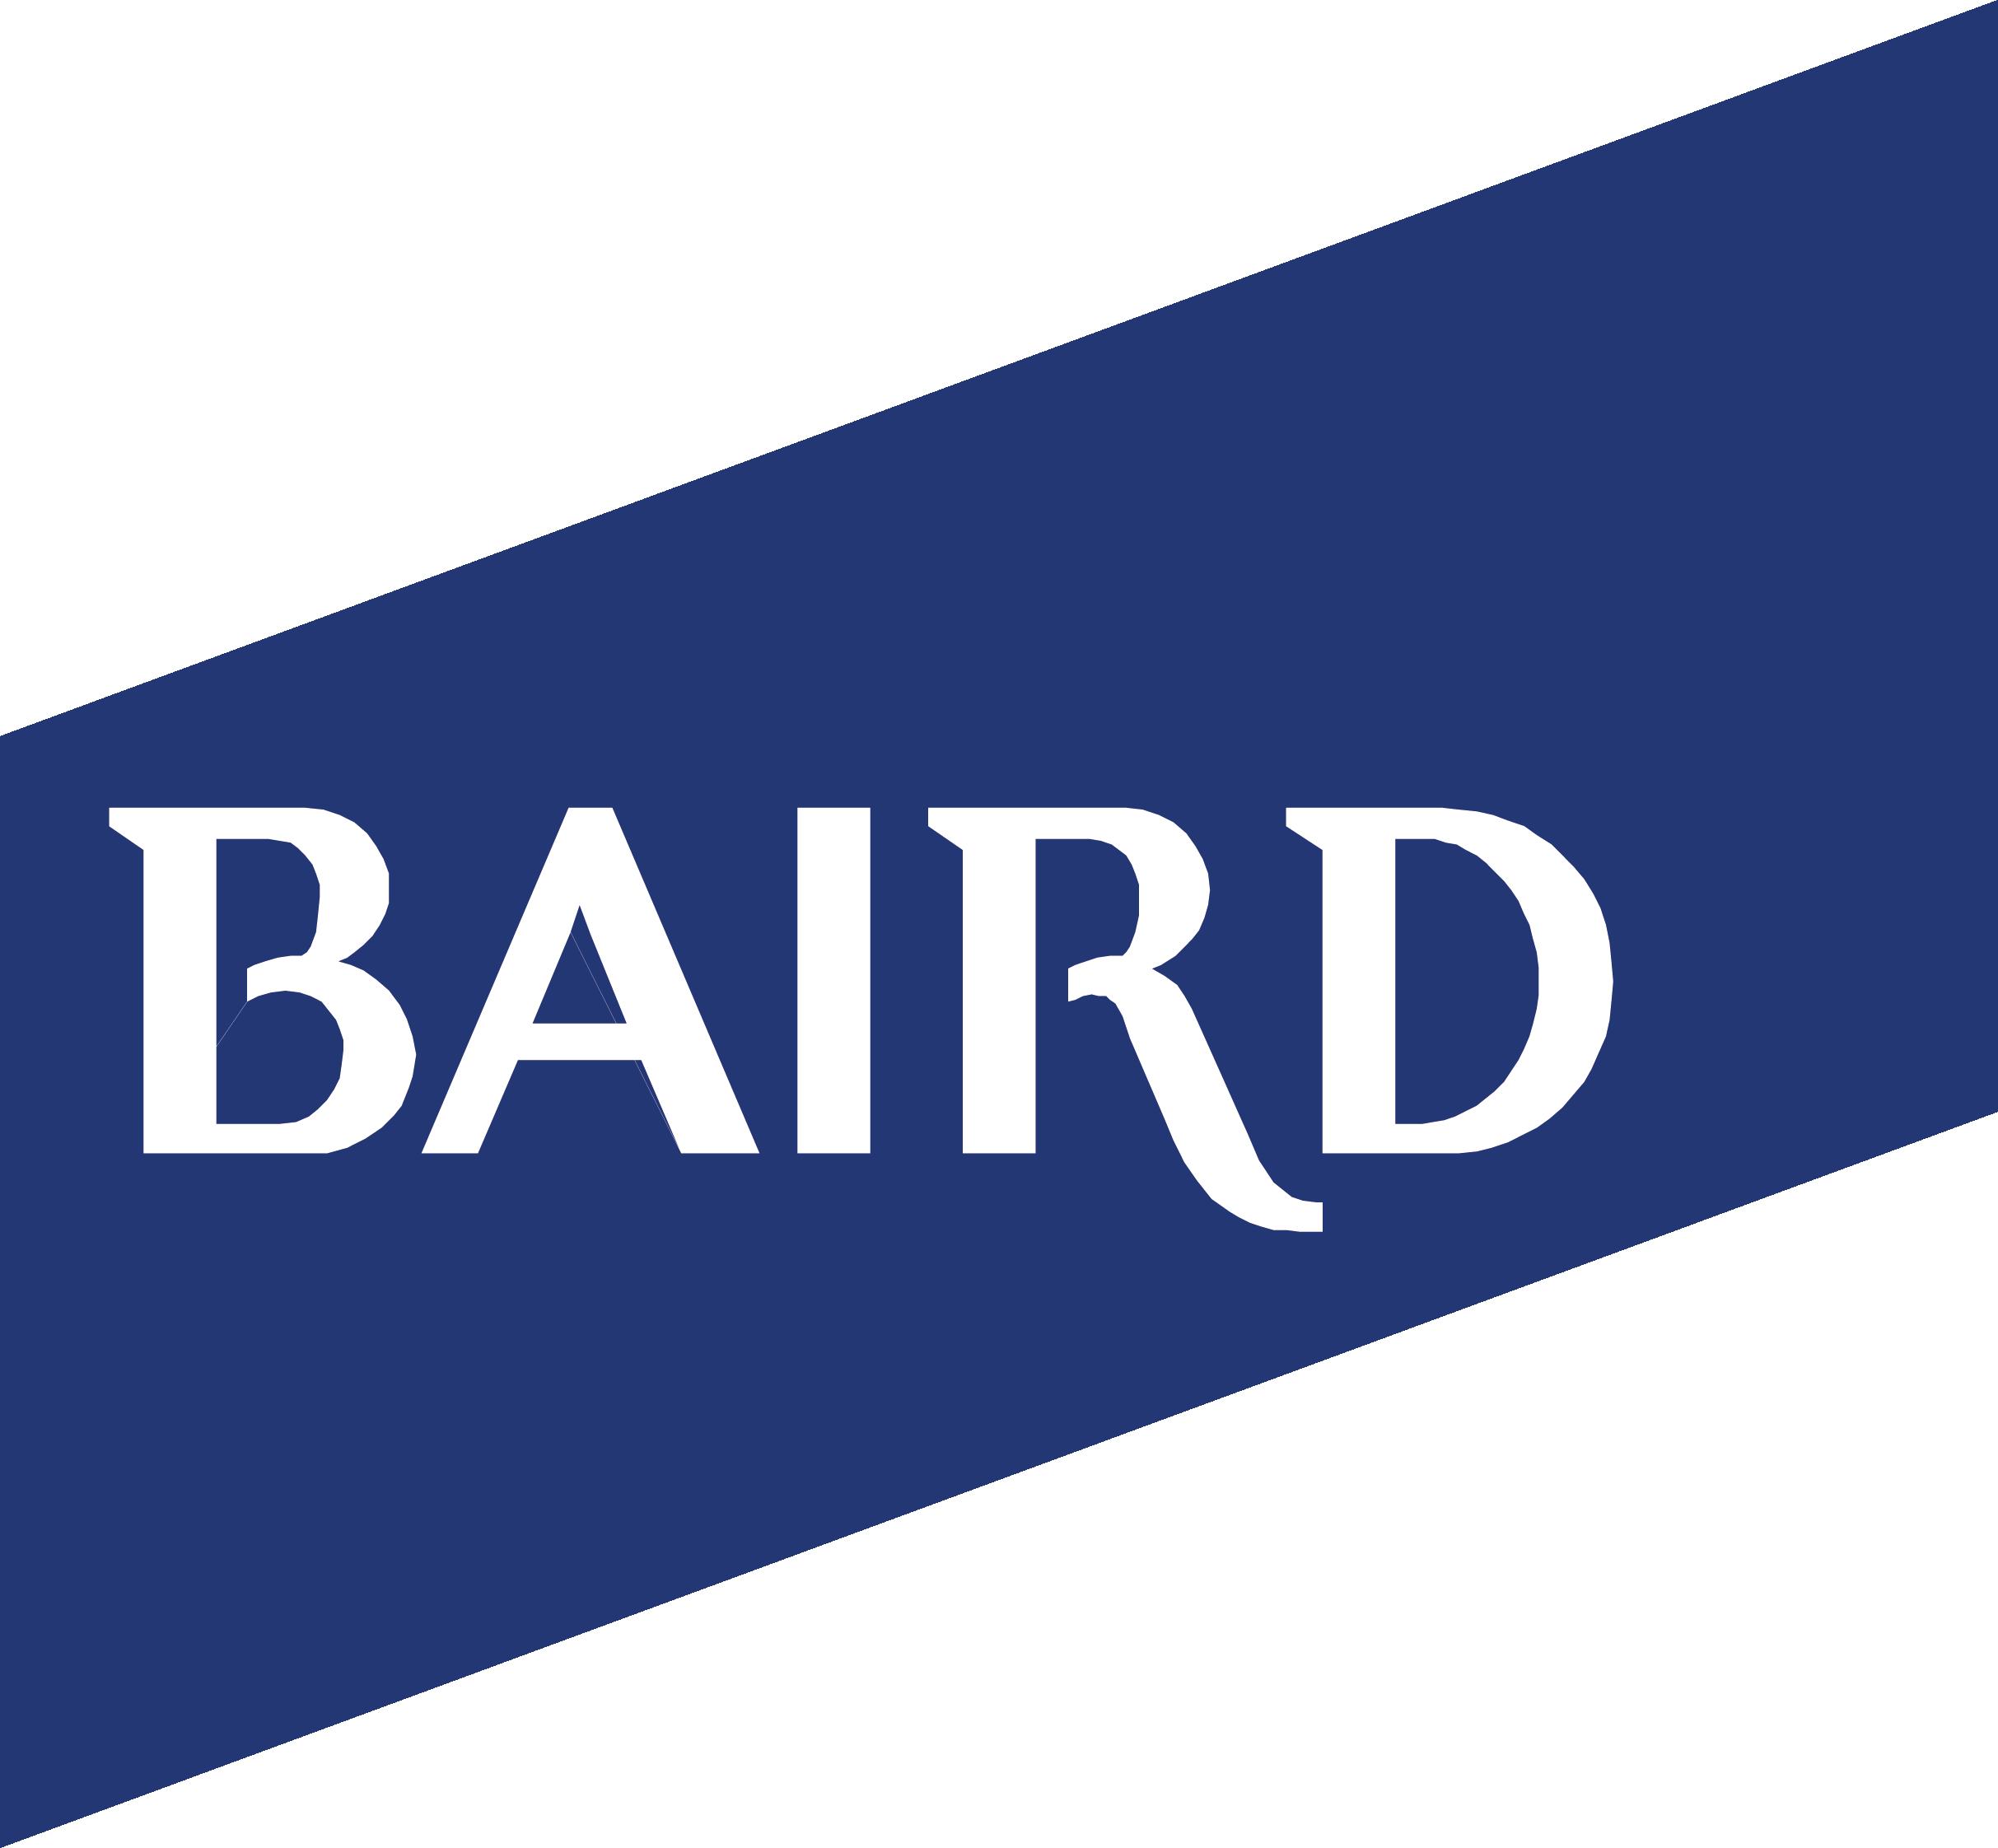 Robert-W-Baird-UCOT.png